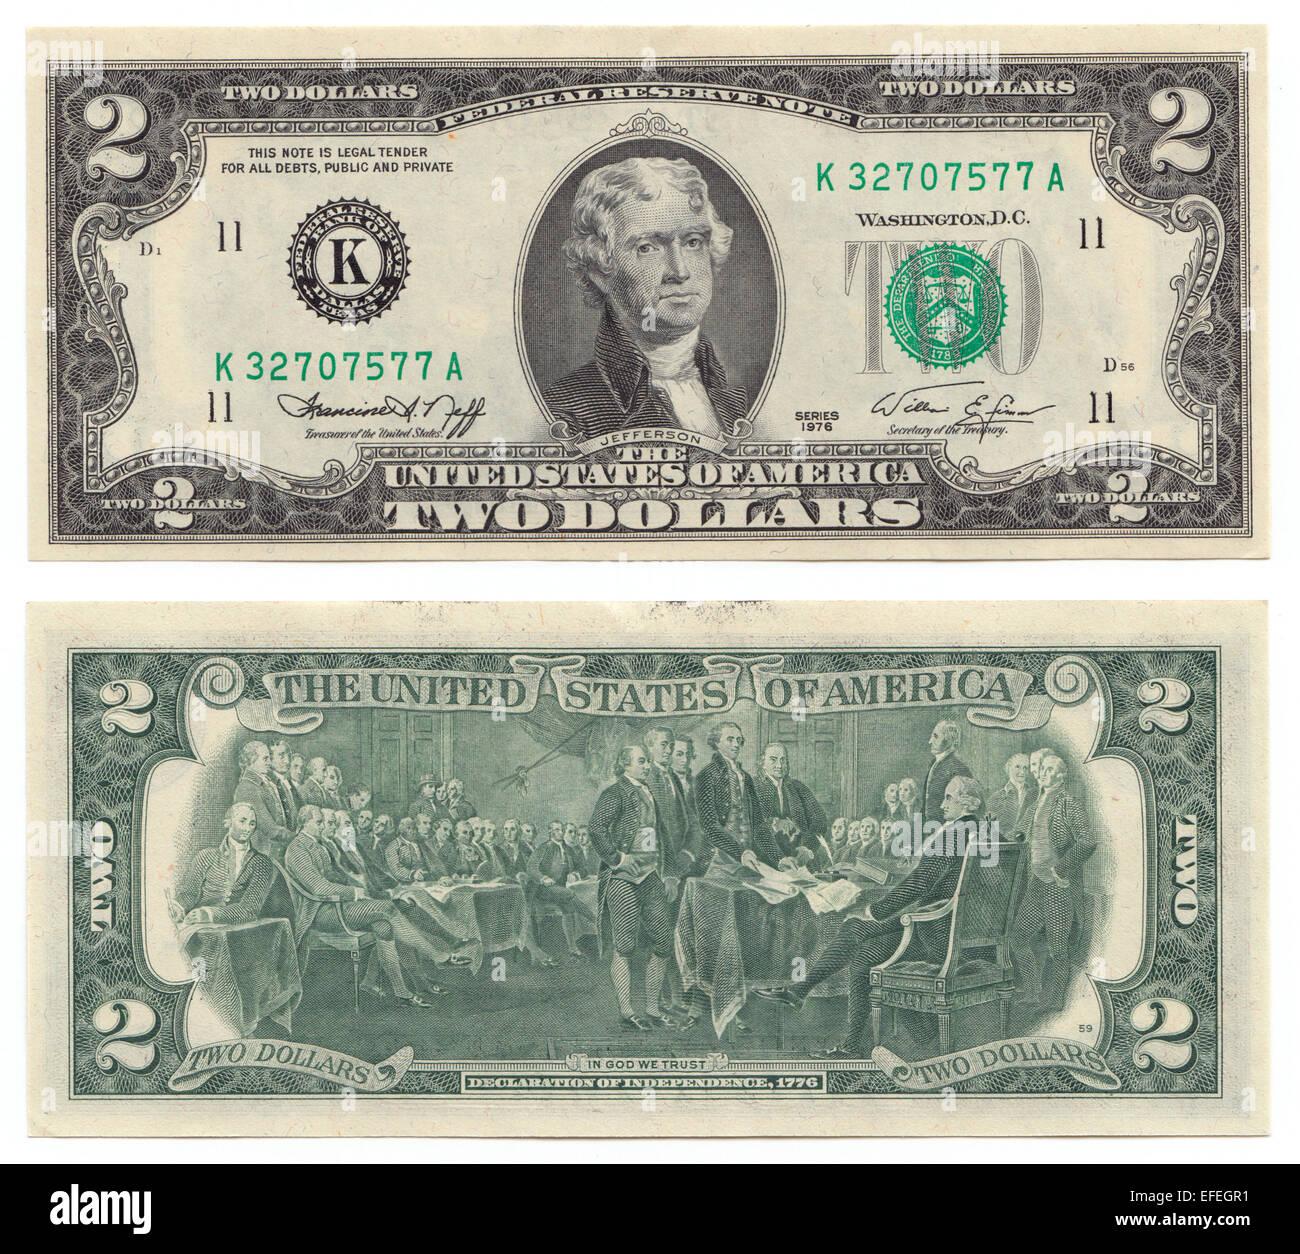 1976 Stati Uniti 2 Dollaro Con Jefferson Sul Lato Anteriore E La Firma Della Dichiarazione Di Indipendenza Sul Retro Foto Stock Alamy